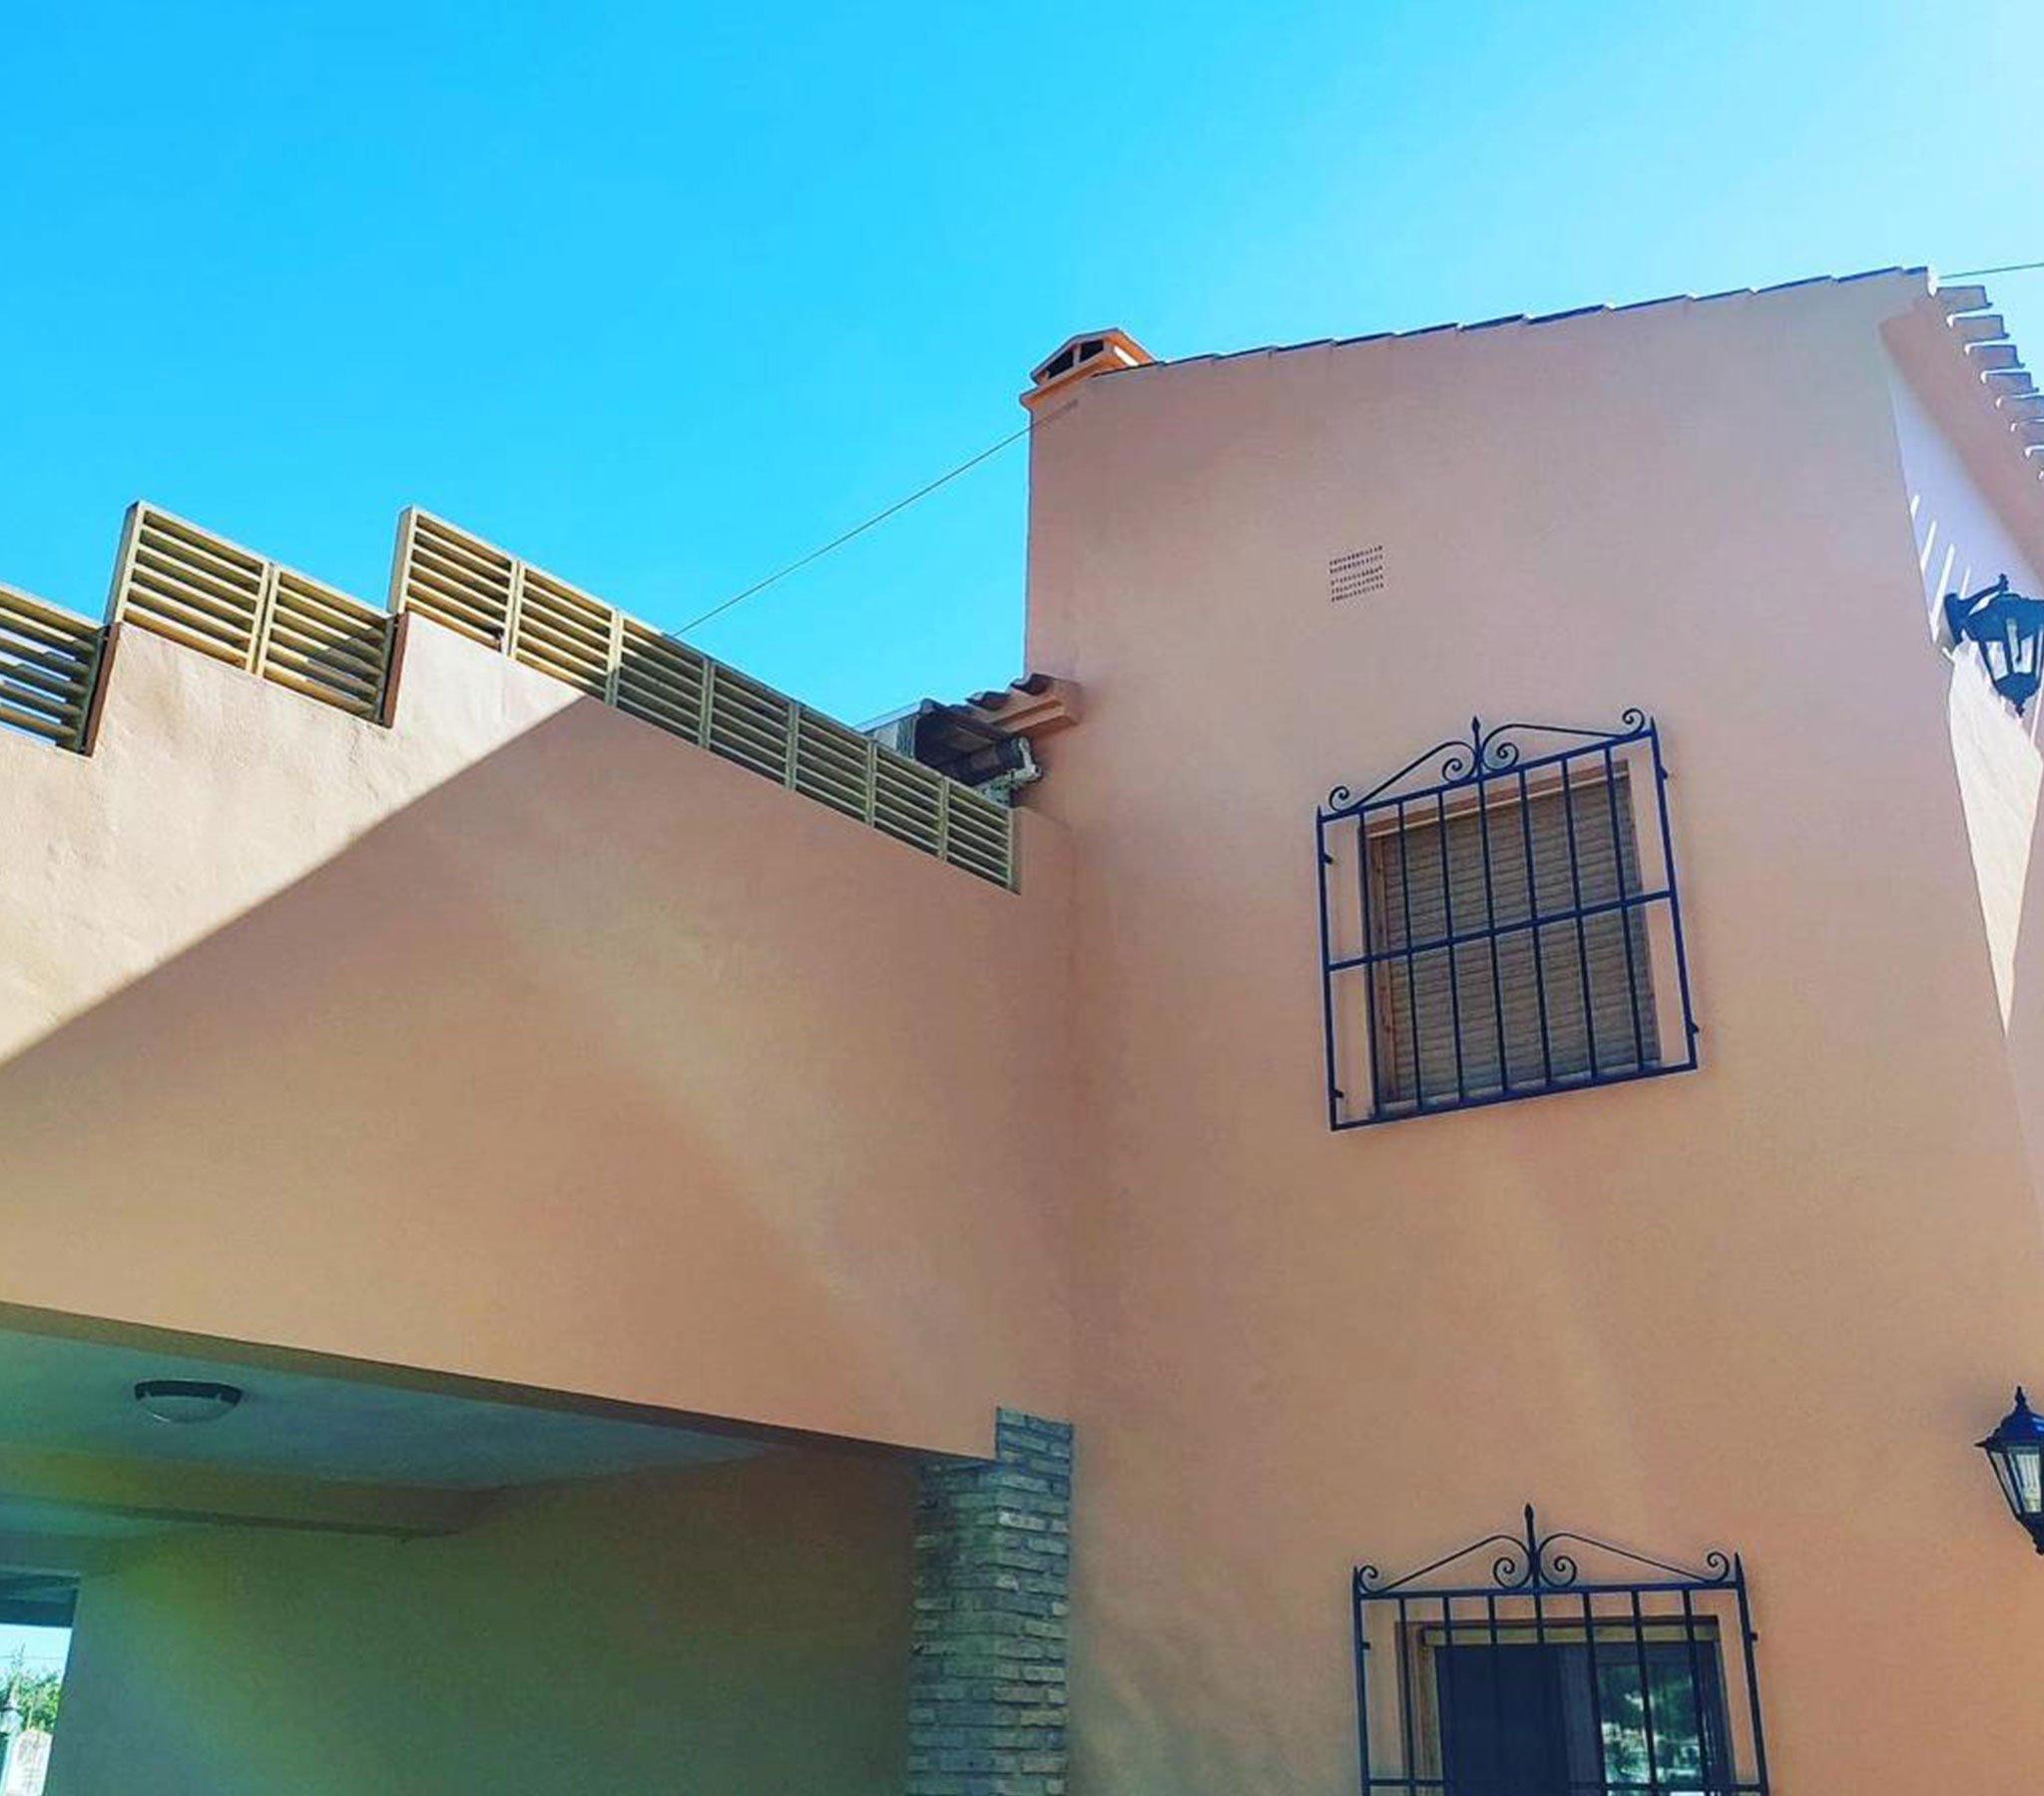 Después de la pintura de una fachada – Pinturas Juanvi Ortolà